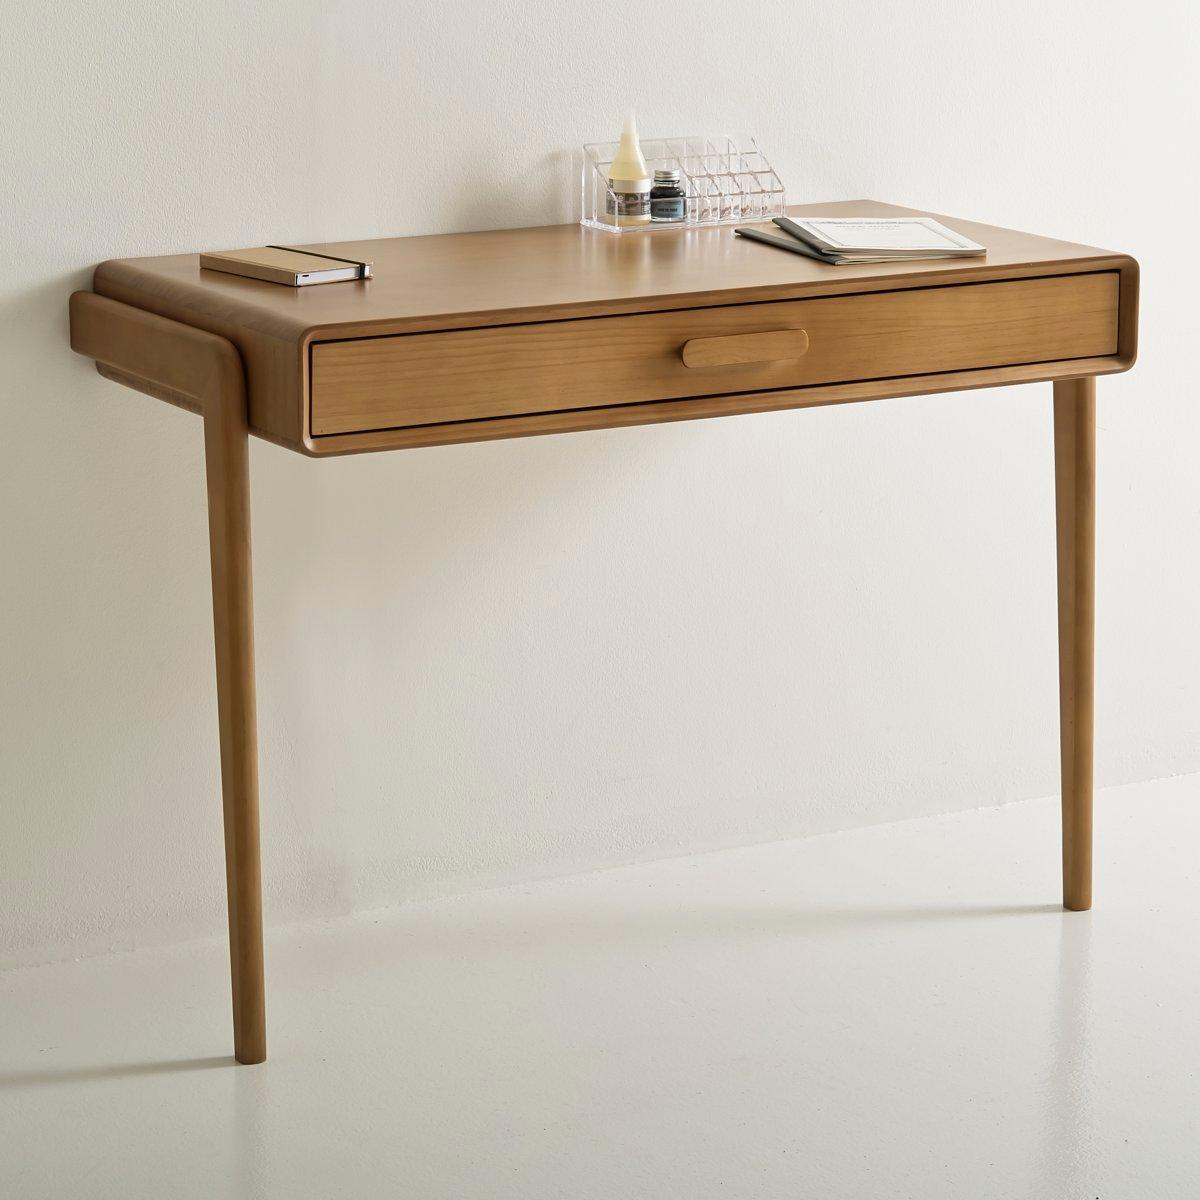 Стол-консоль в винтажном стиле, Colas от La Redoute